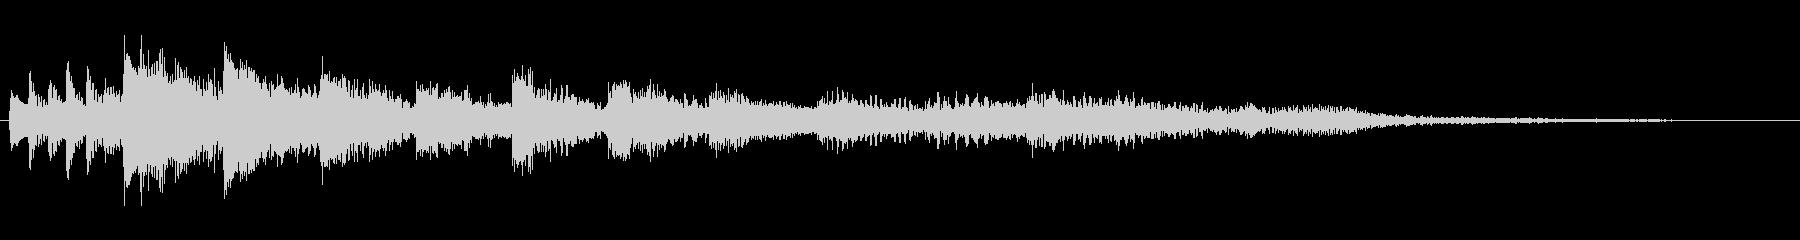 衝動的で悲痛なピアノジングルの未再生の波形